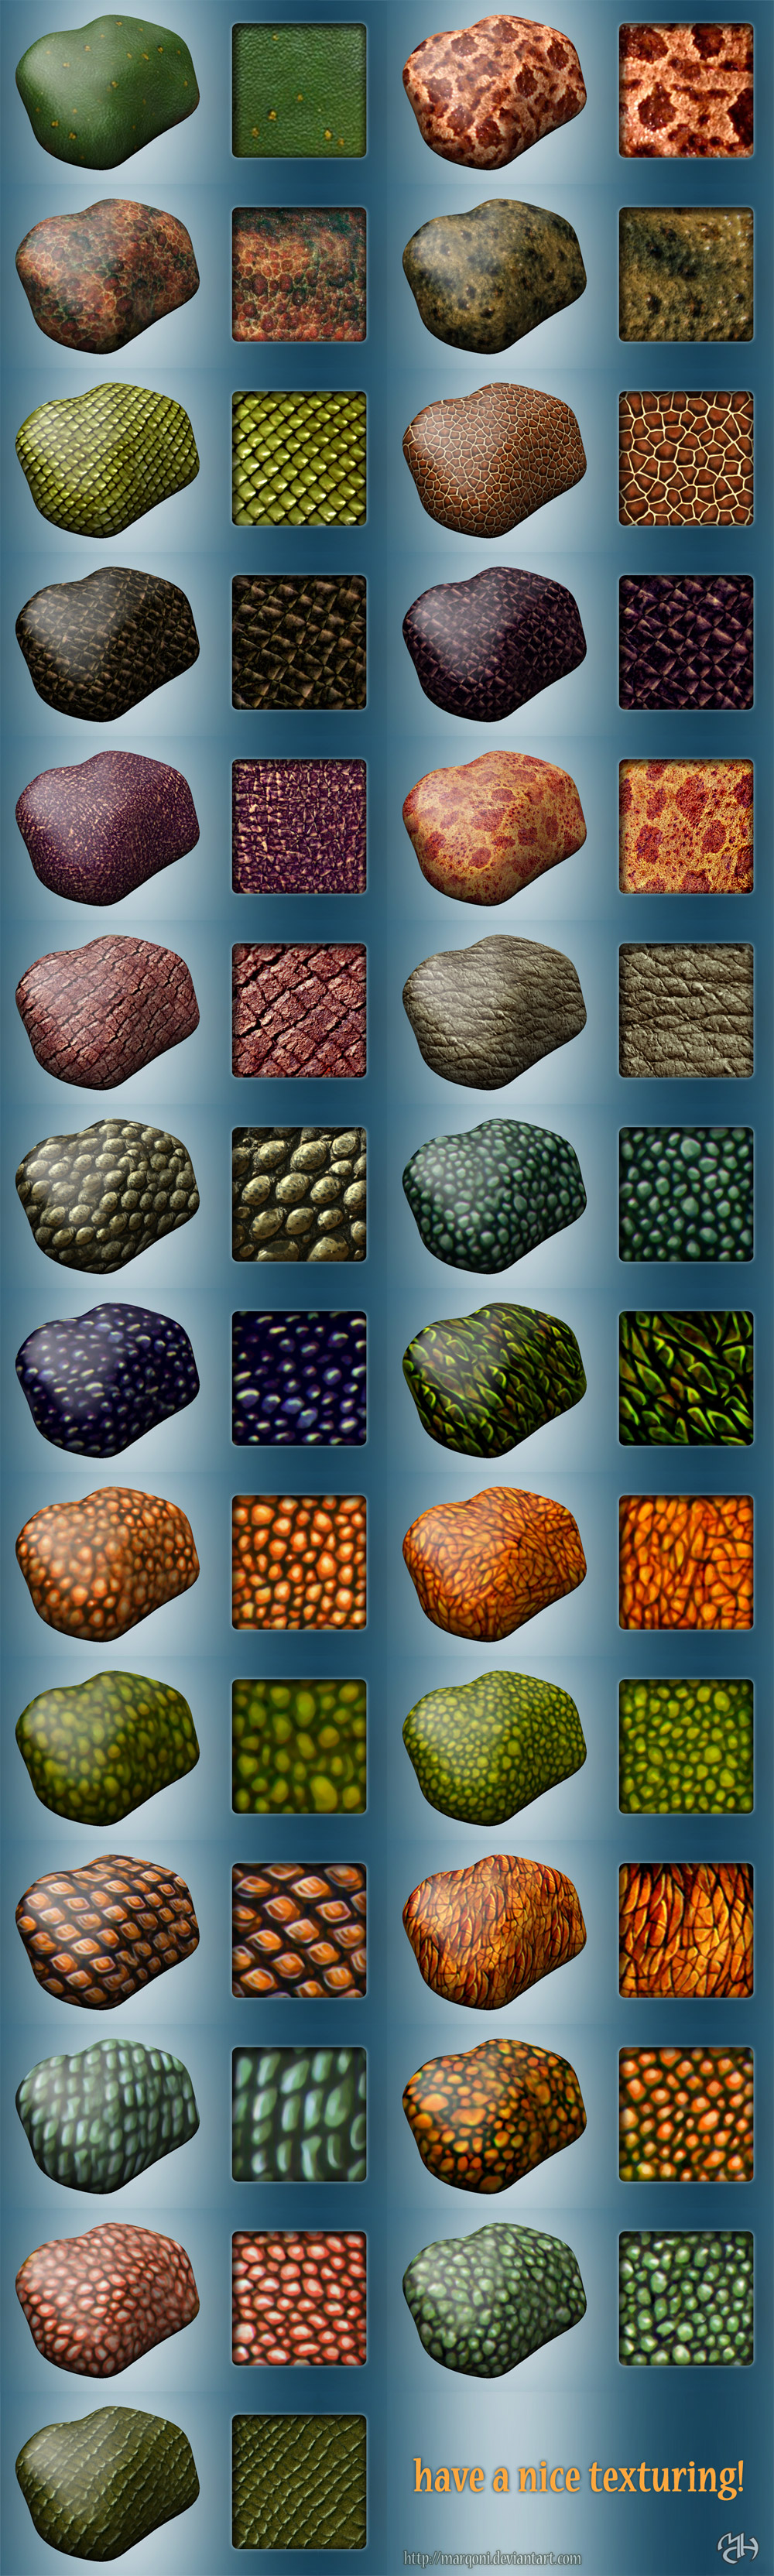 Dragons textures for sculptris